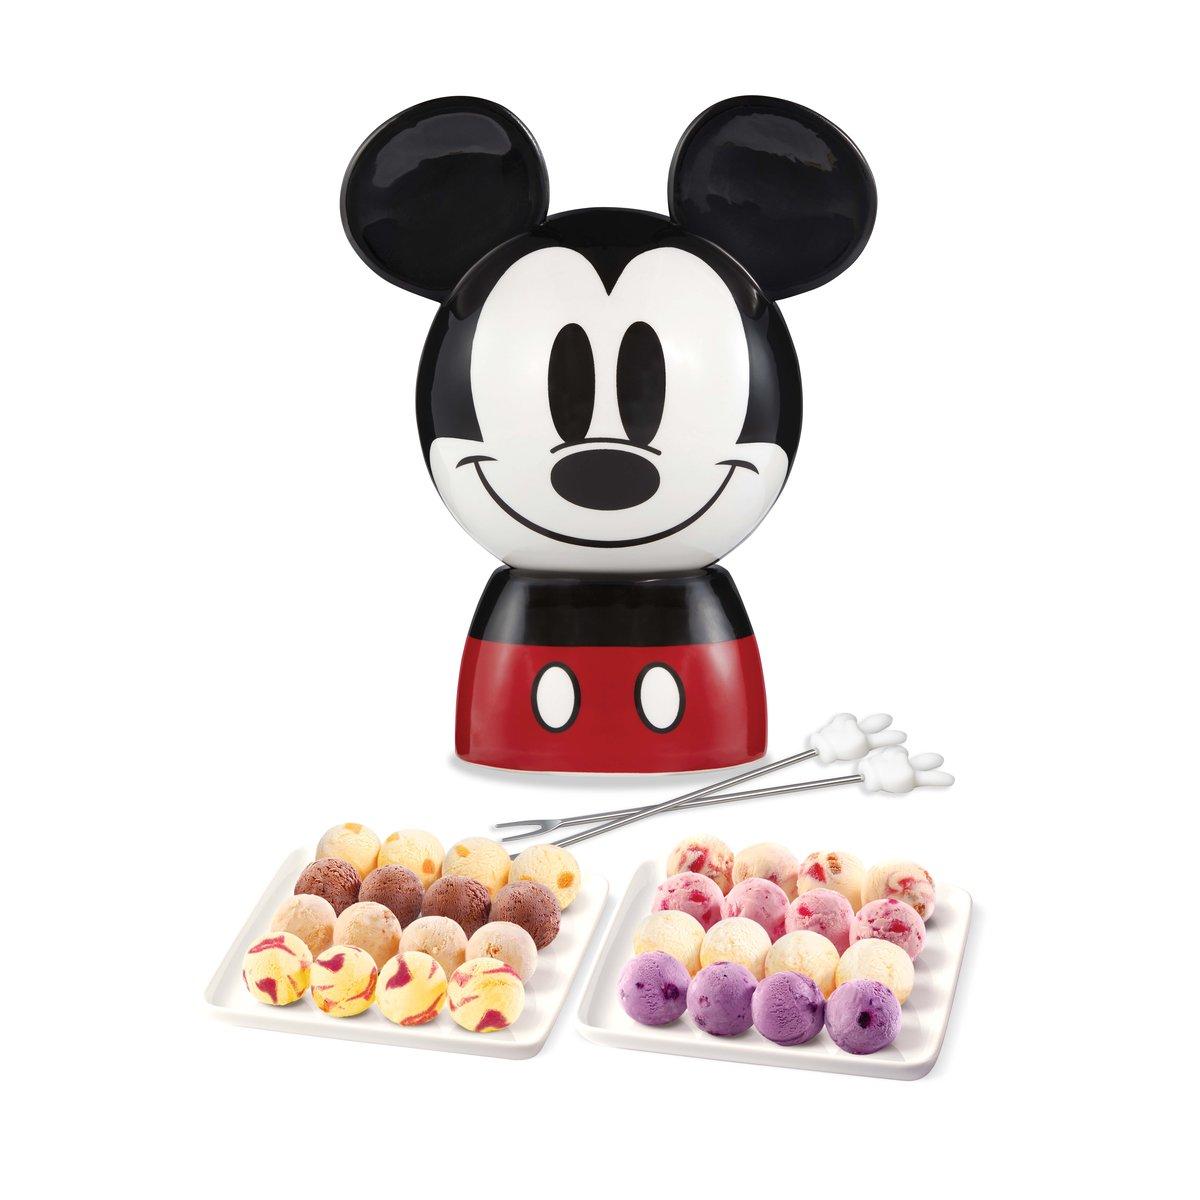 Häagen-Dazs™ My Melody經典雪糕火鍋套裝 (禮券) - 另送價值$367.4禮券 *將與其他貨品分開發貨及通知取貨